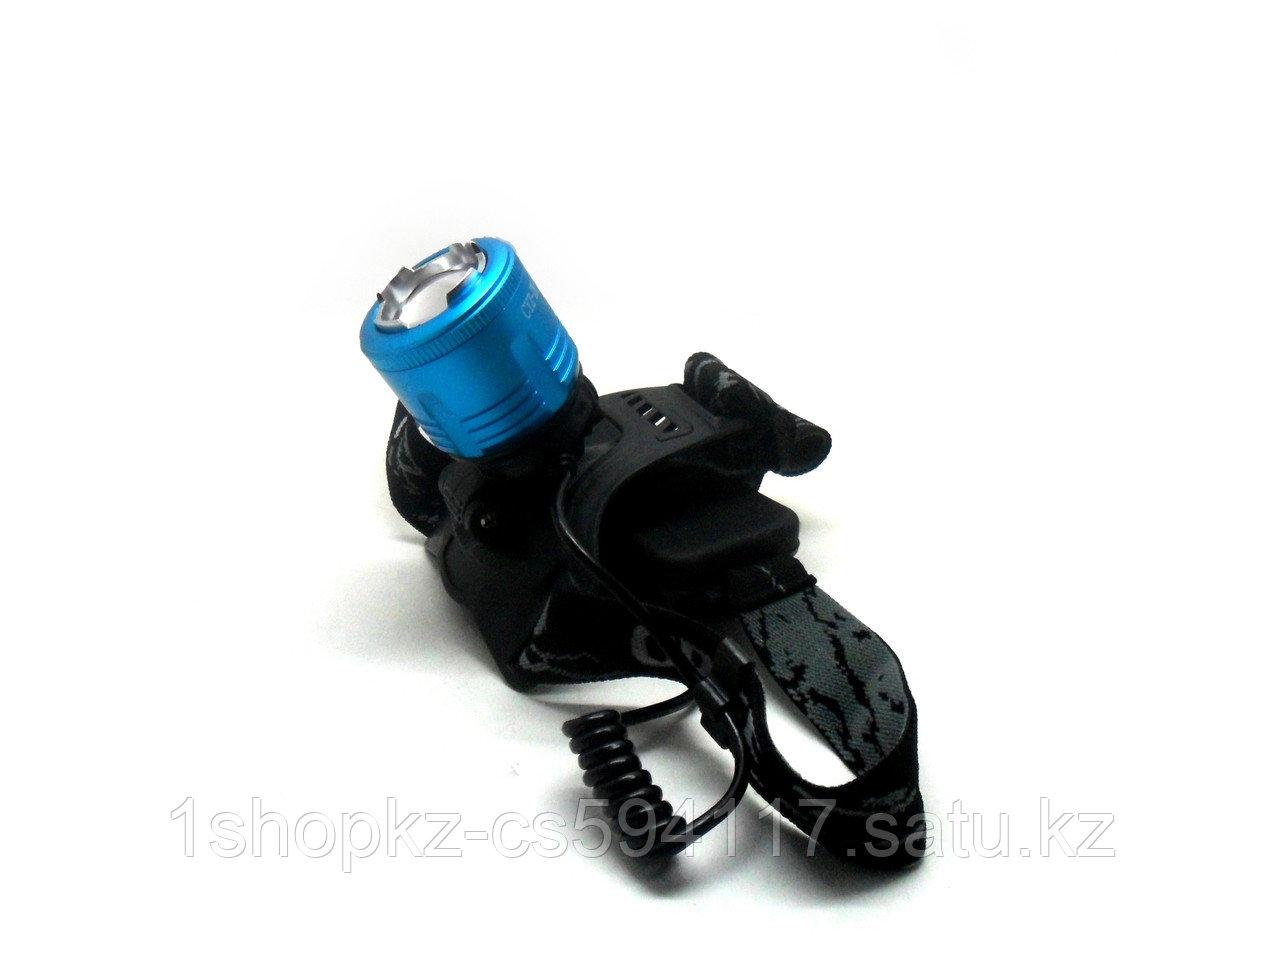 Налобный фонарь HIGH POWER HEADLAMP CYZ-F11 синий